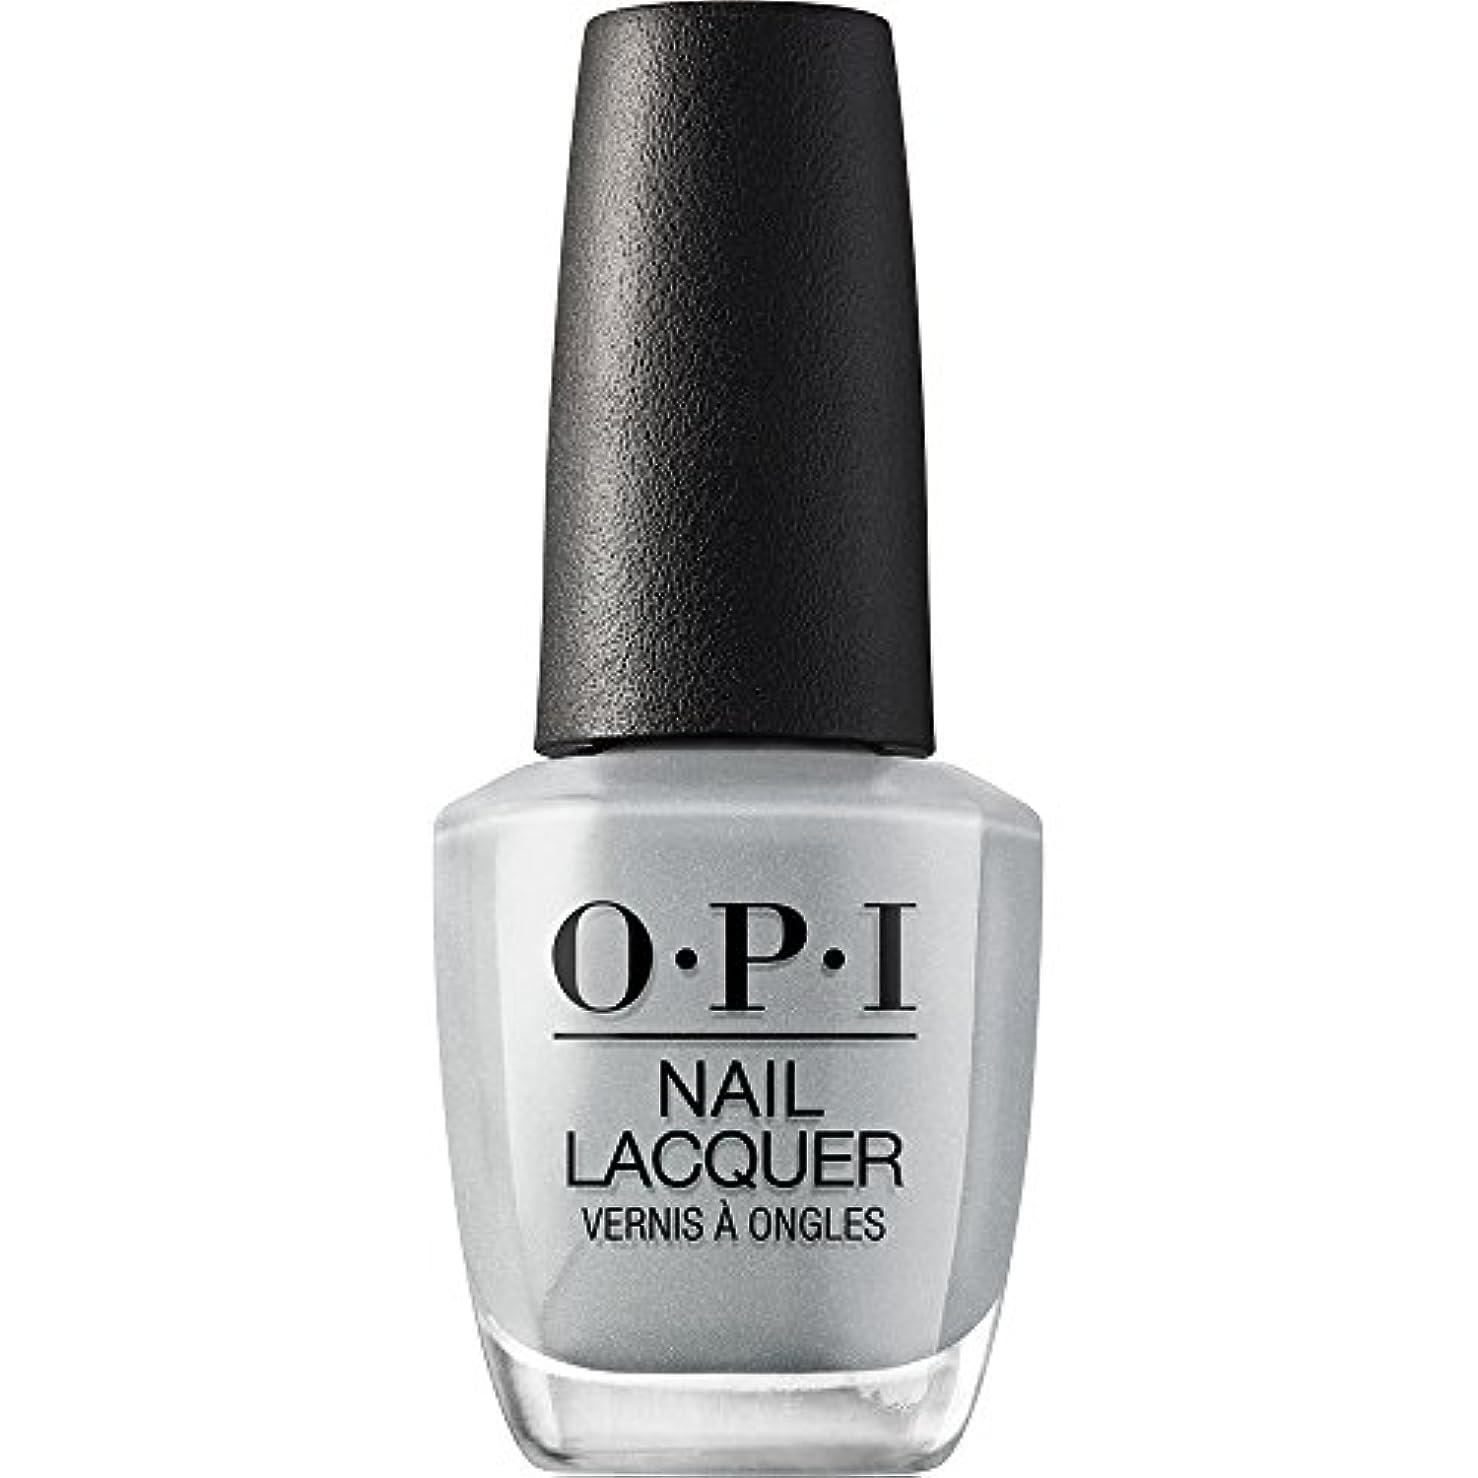 OPI(オーピーアイ) NLF86 アイ キャン ネバー ハット アップ